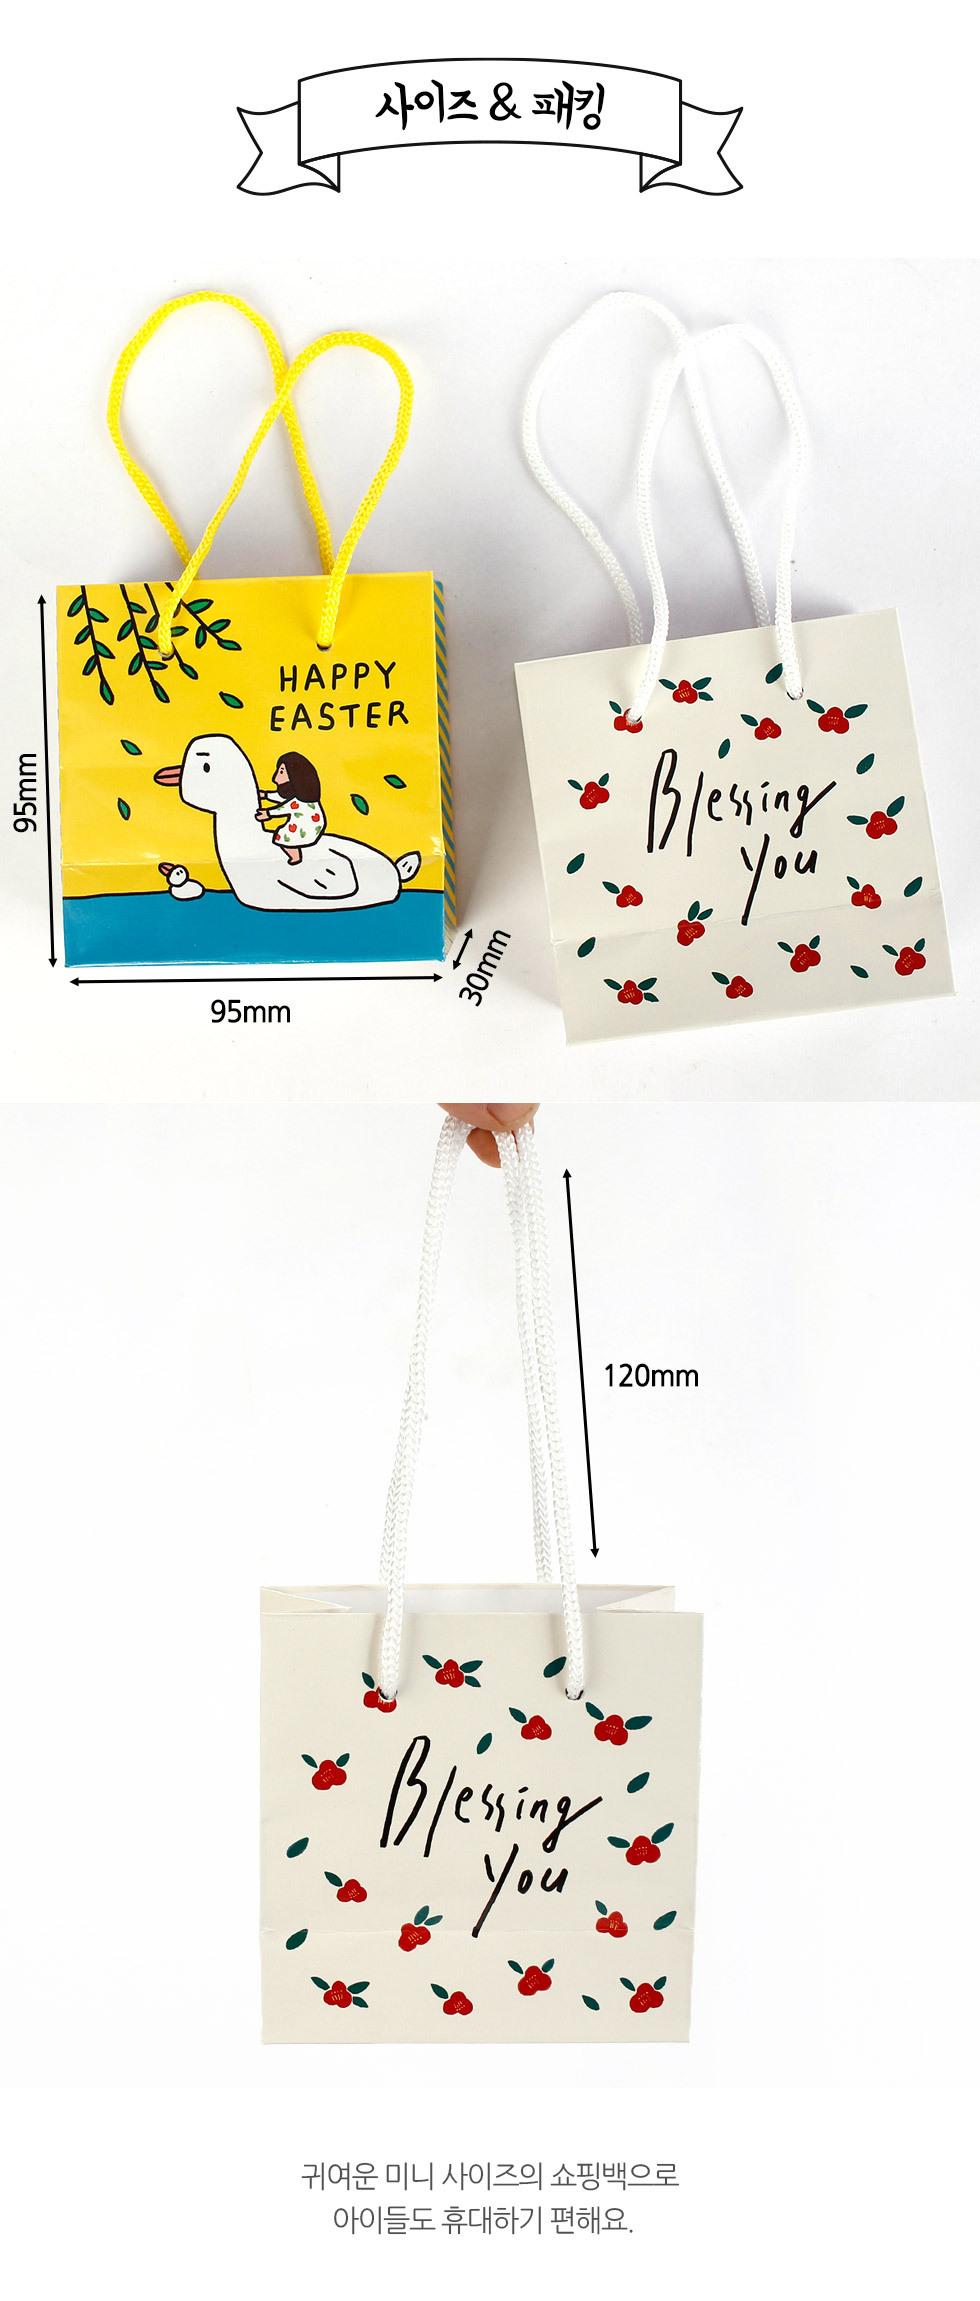 부활절 선물포장, 계란포장 패키지 종이가방(특소) 4.블레싱유 - 4.블레싱유 사이즈&패킹